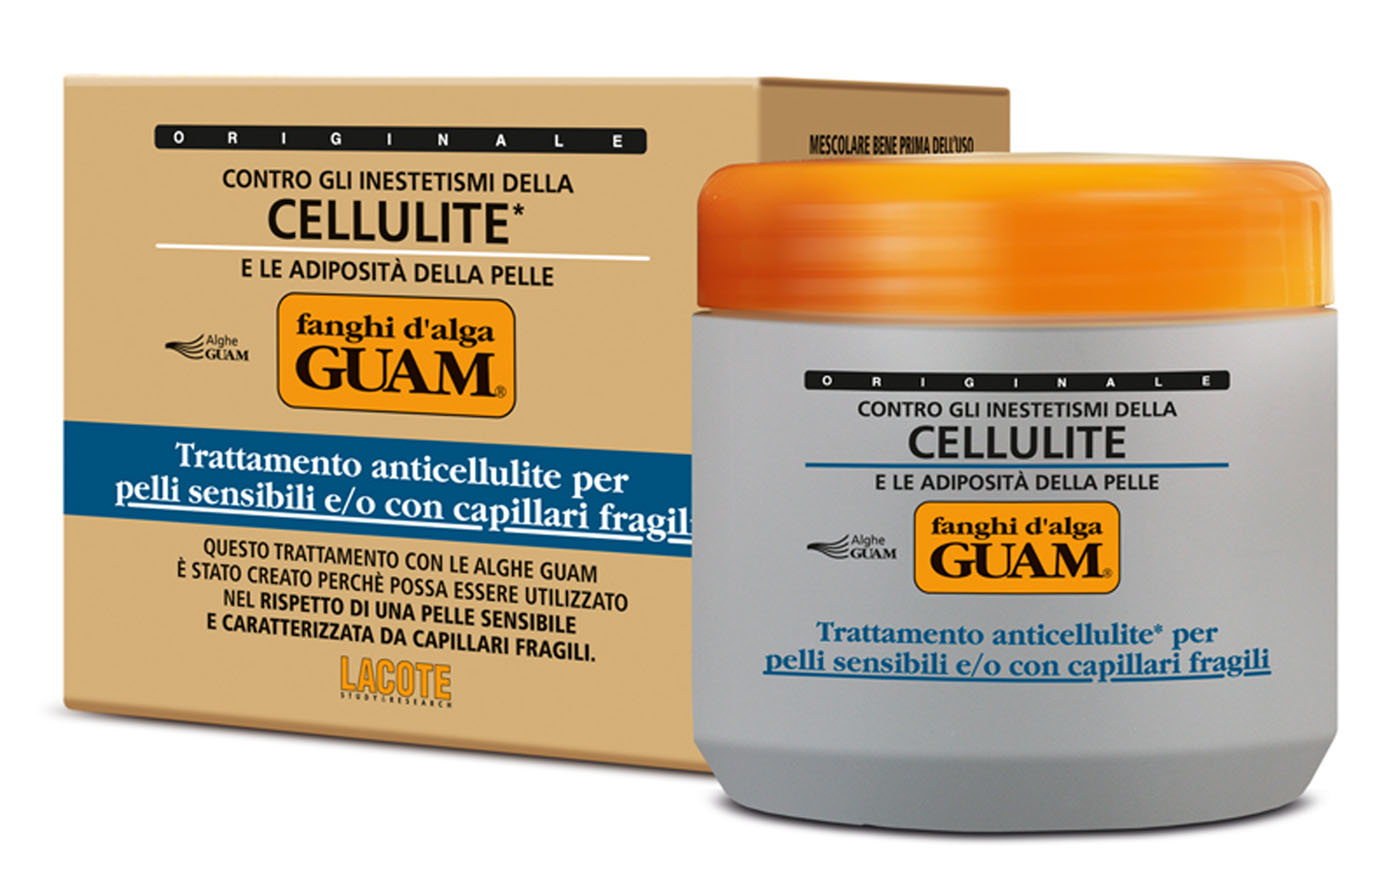 Guam Маска антицеллюлитная Fanchi Dalga для тела, для чувствительной кожи с хрупкими капиллярами, 500 млFS-36054Содержит инновационный липолитический комплекс Glicoxantine двойного действия: уменьшает локальные жировые отложения и устраняет целлюлит. Благодаря активным компонентам обладает антиоксидантным действием, усиливает микроциркуляцию, способствует выводу межклеточной жидкости, подтягивает и выравнивает кожный рельеф. Укрепляет сосуды и обеспечивает длительное увлажнение кожи. Идеальное средство для чувствительной кожи при проблемах с сосудами на ногах.Товар сертифицирован.